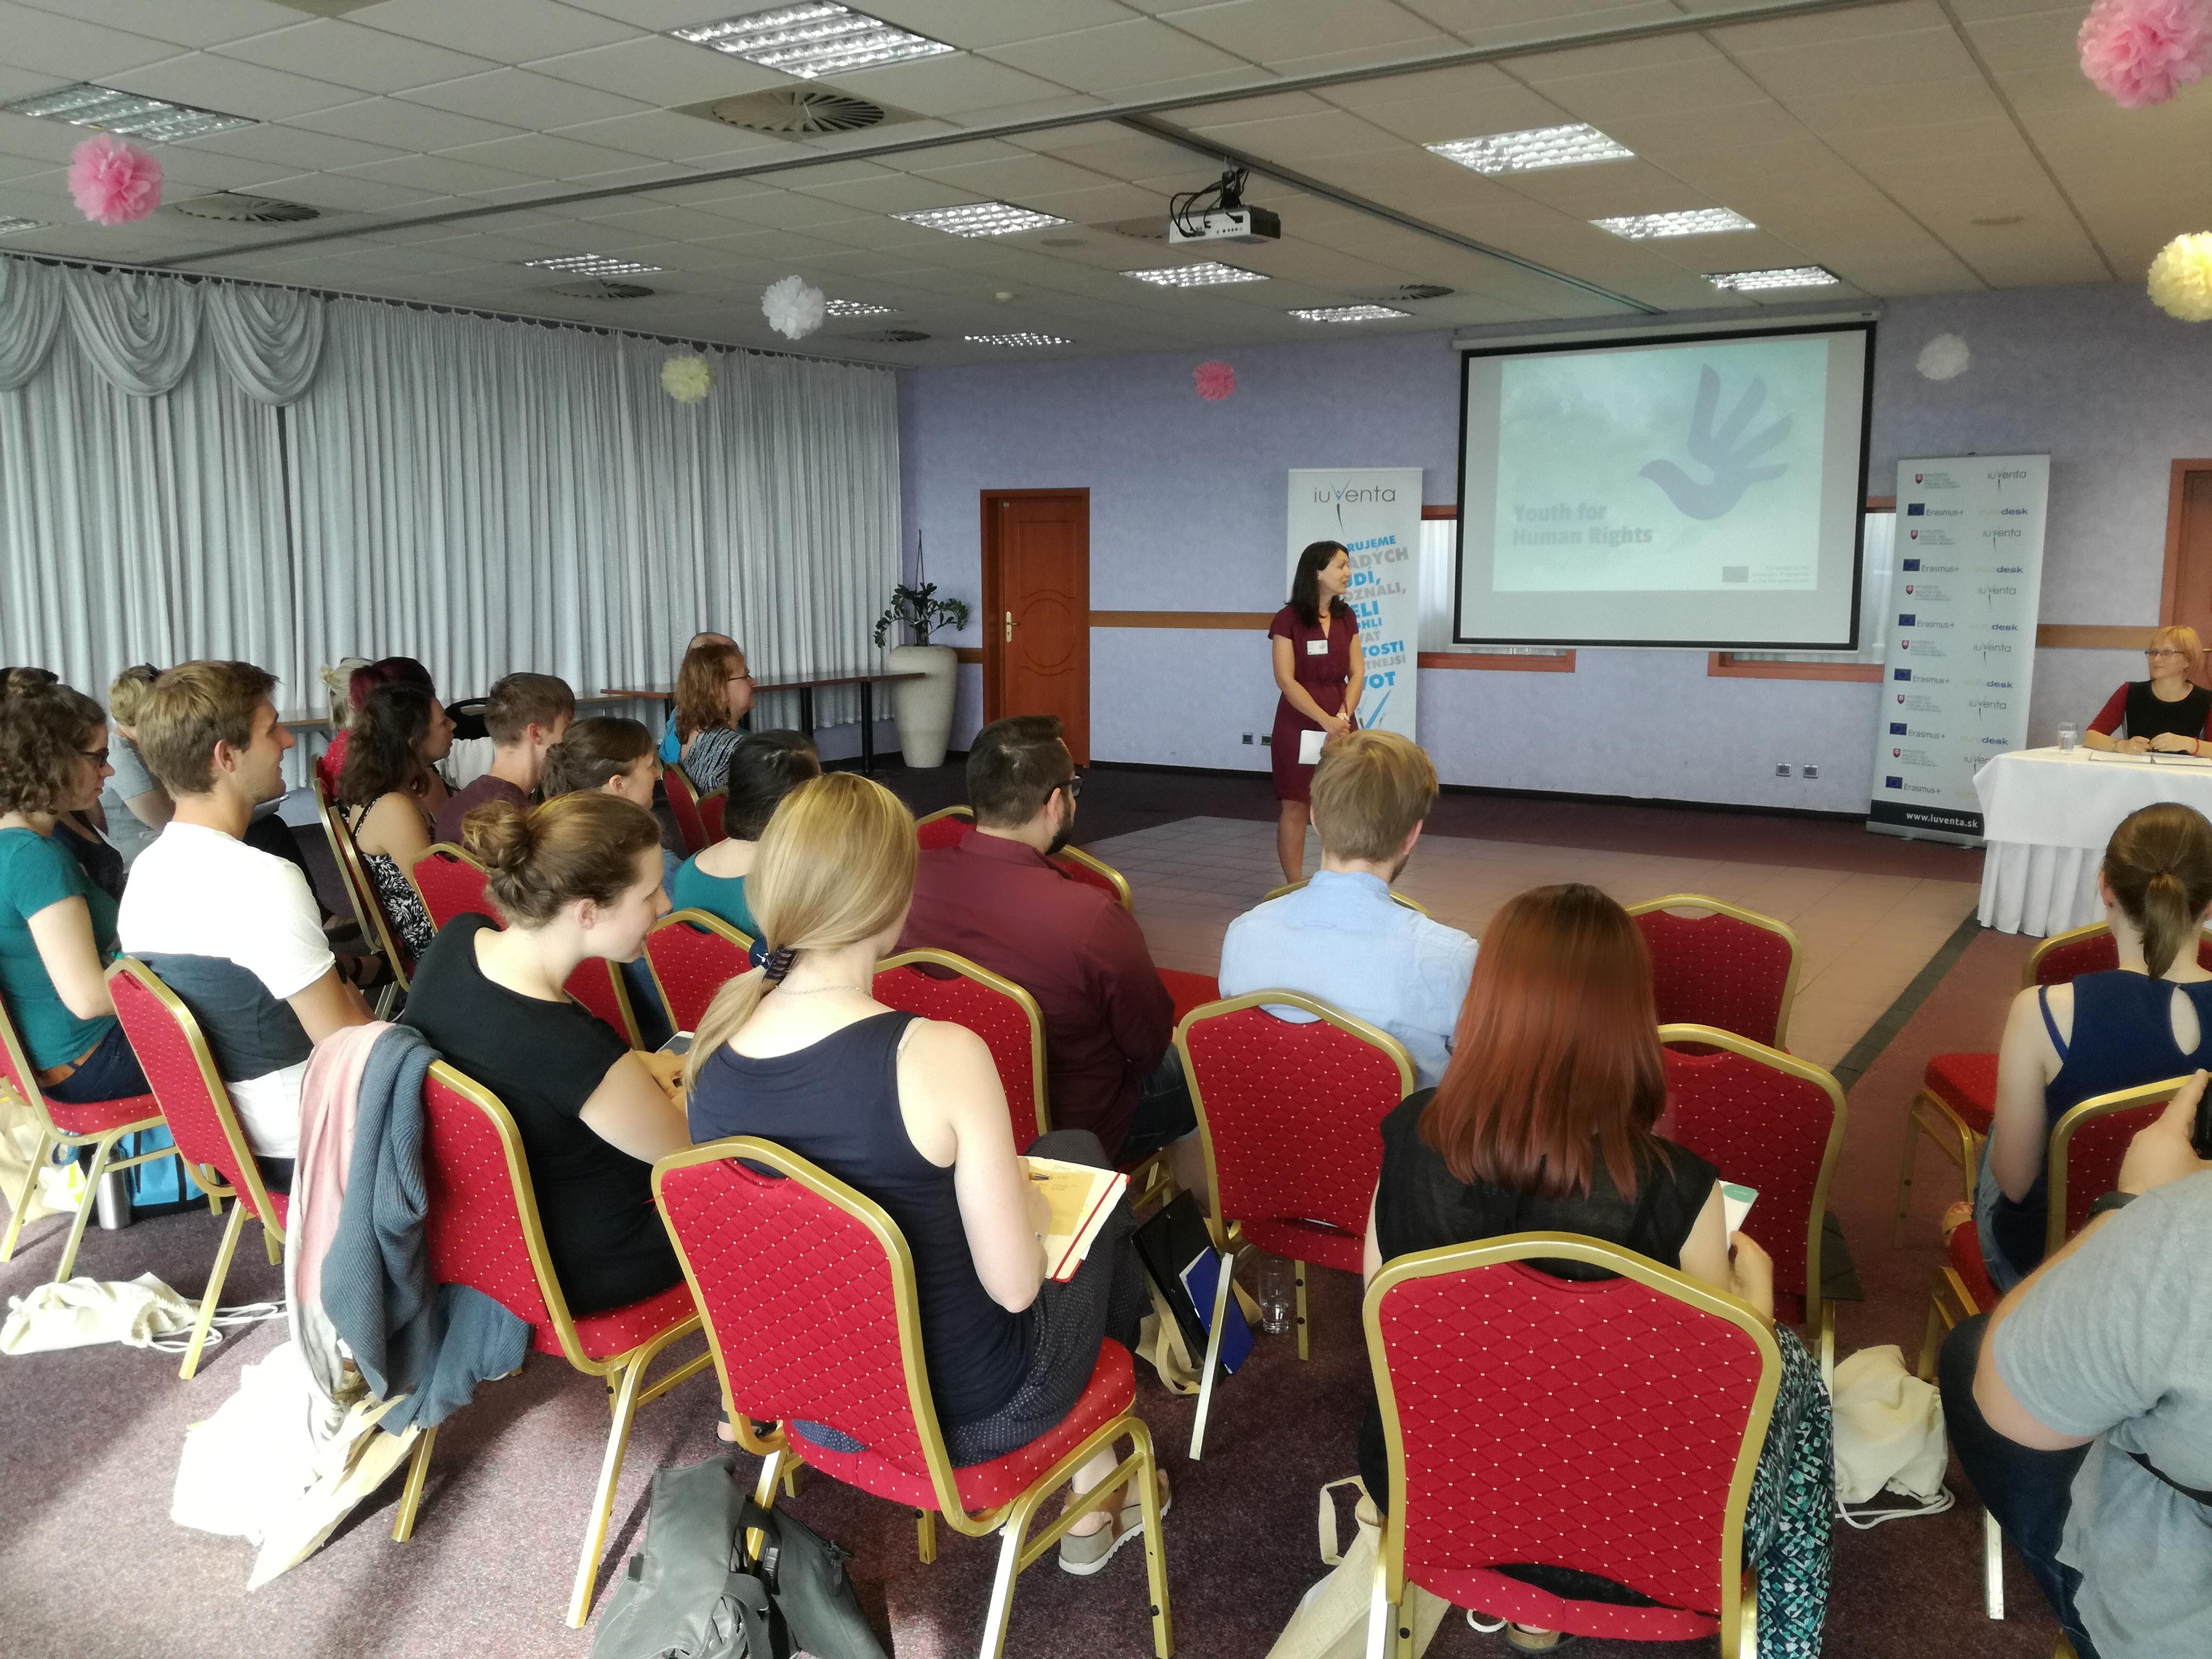 Vzdelávanie k ľudským právam v práci s mládežou